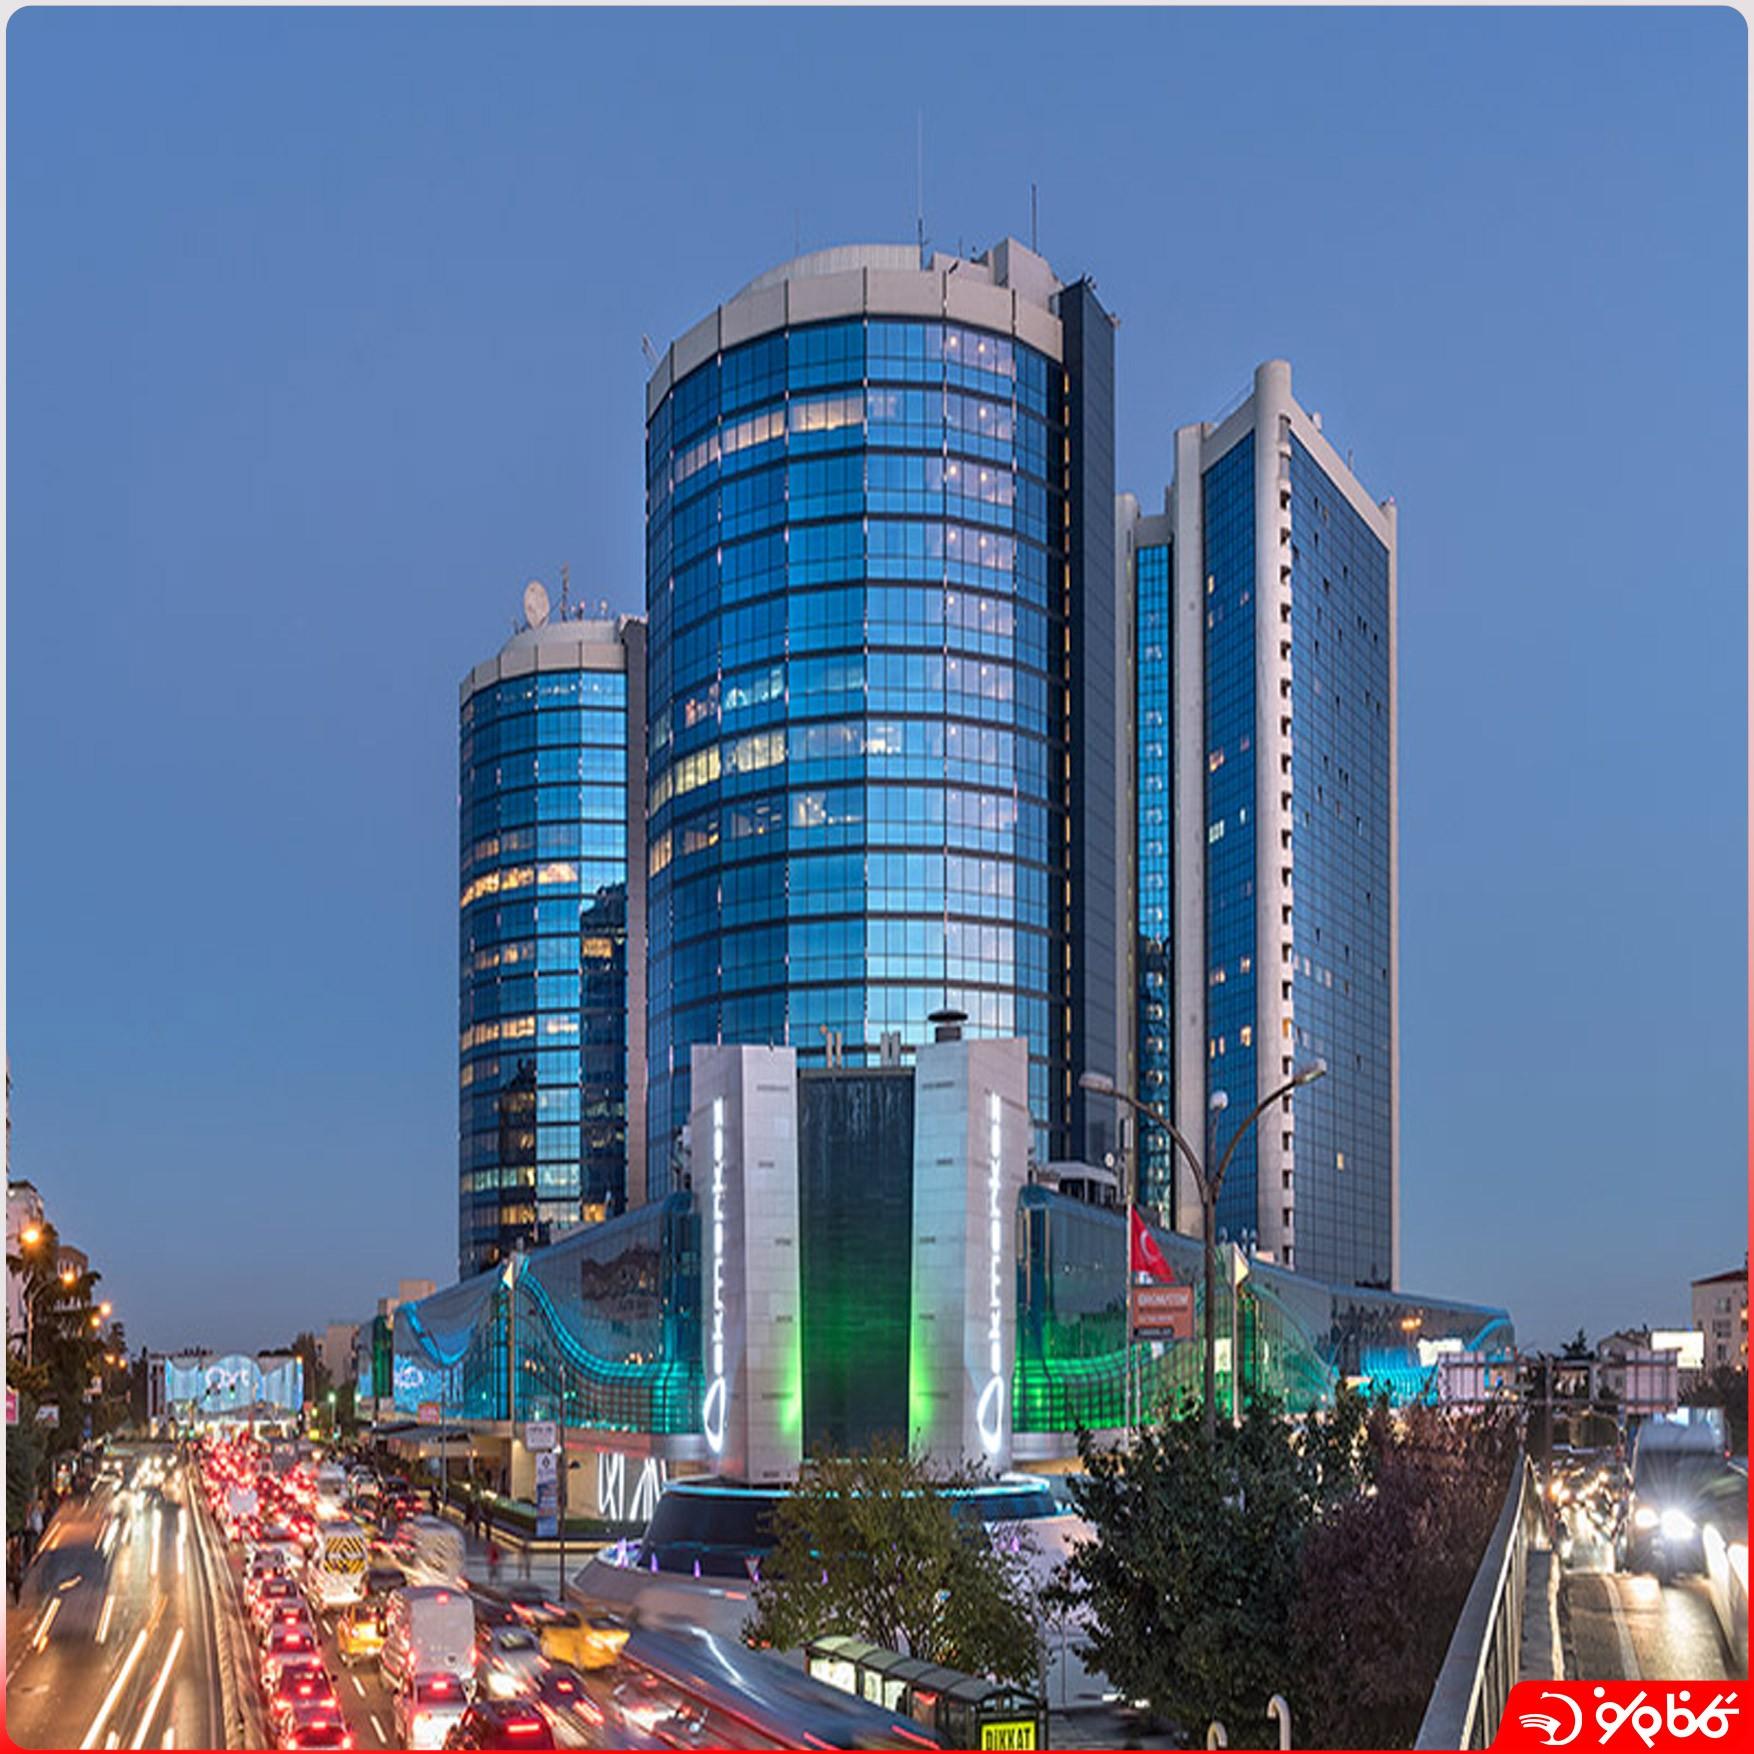 مرکز خرید آک مرکز - AKMERKEZ